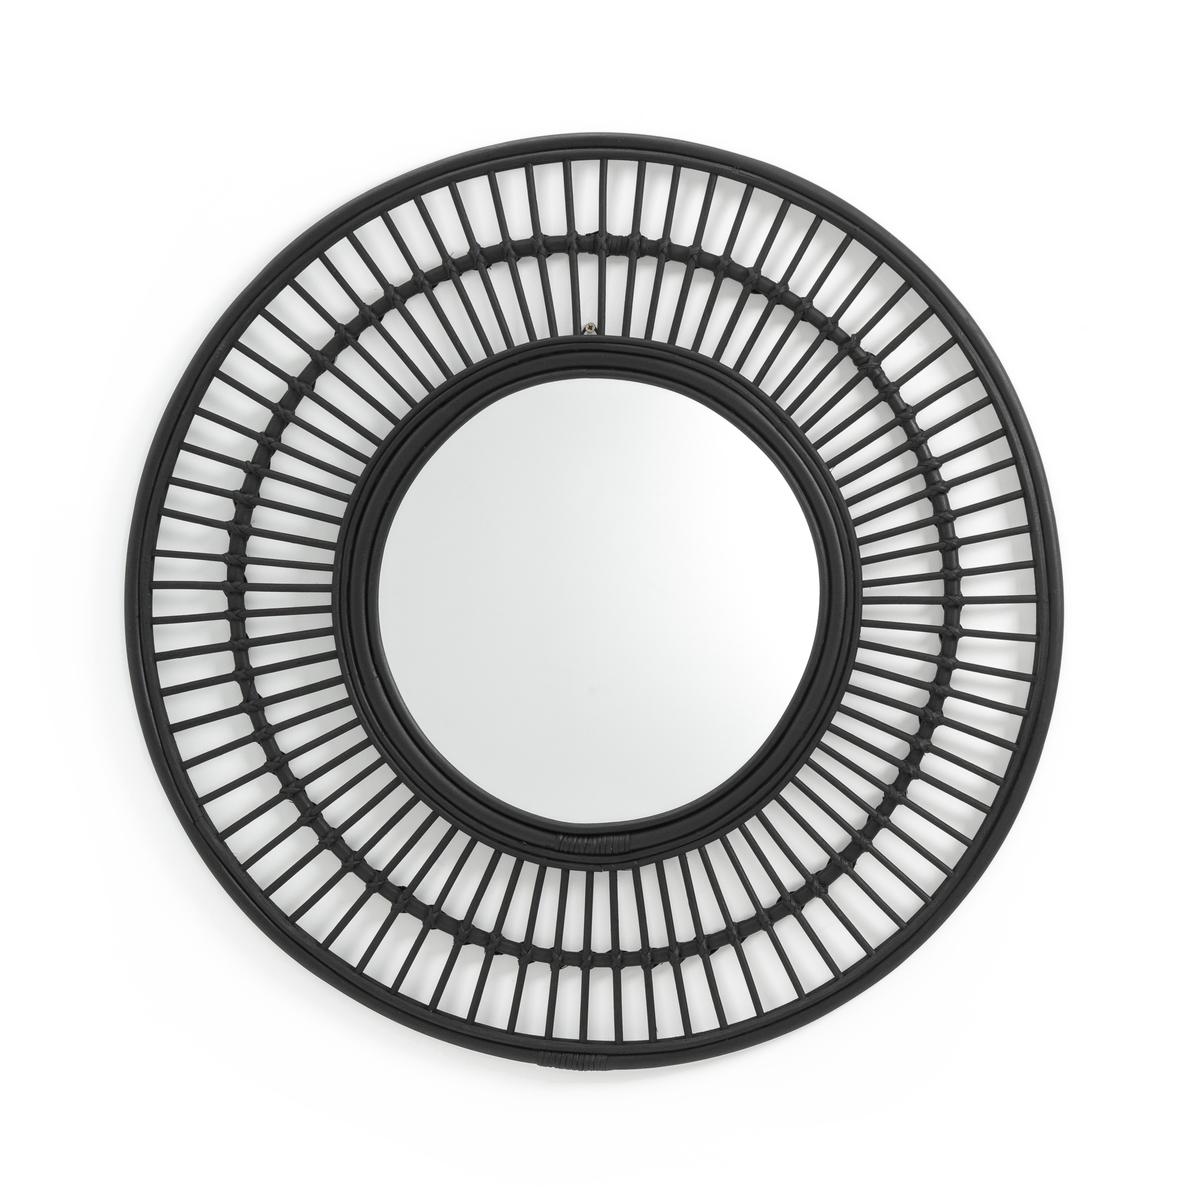 цена Зеркало La Redoute Круглое из ротанга см Nogu единый размер черный онлайн в 2017 году